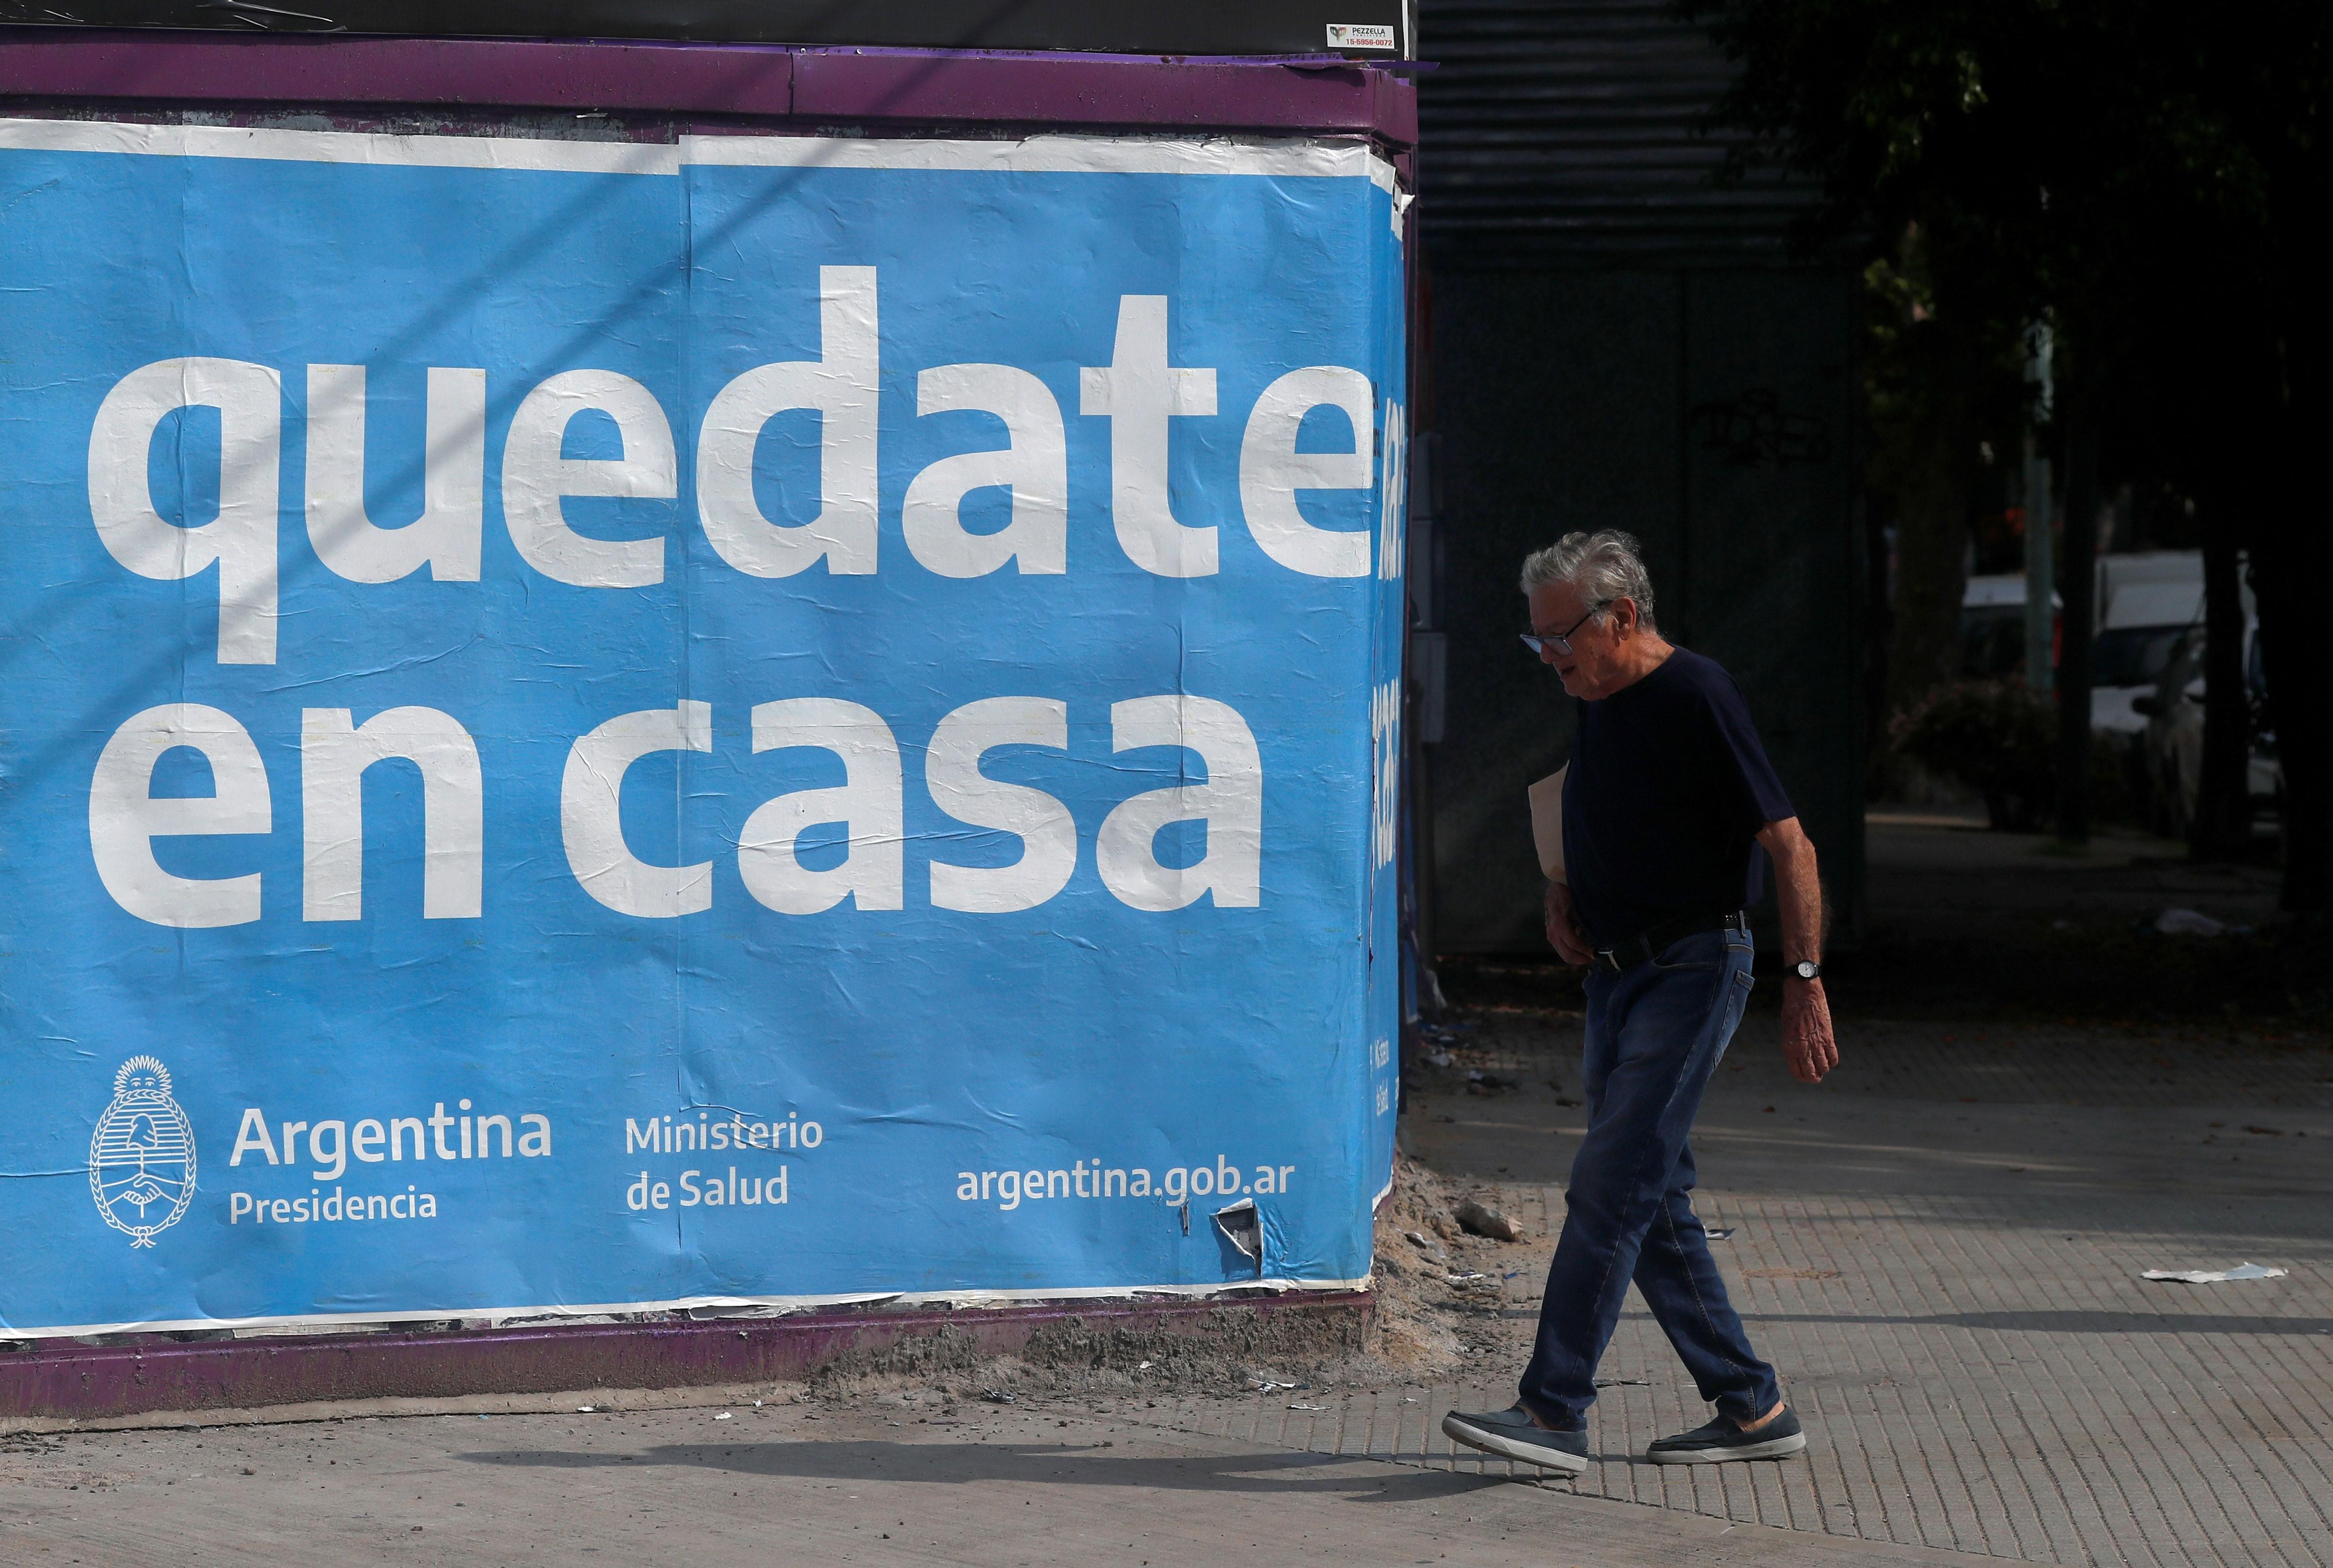 Coronavírus: por telefone, Argentina dá atendimento psicológico a idosos sozinhos em quarentena